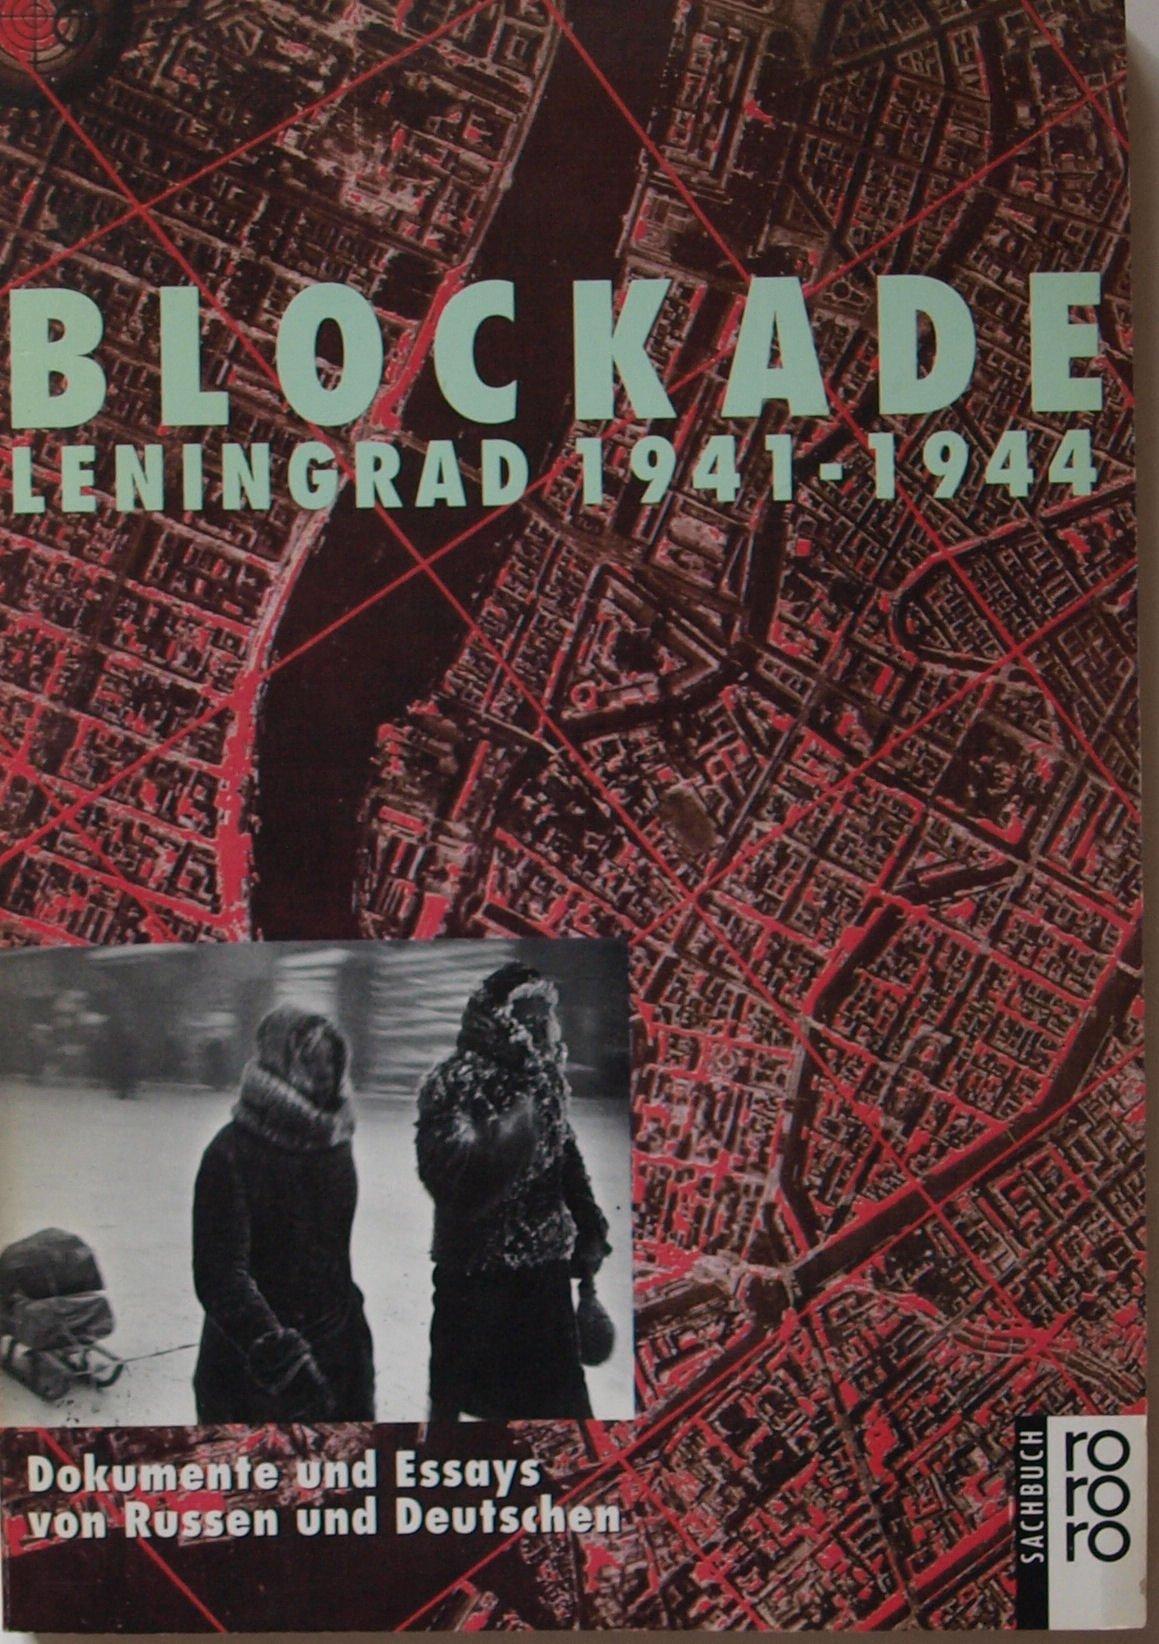 Blockade, Leningrad 1941-1944